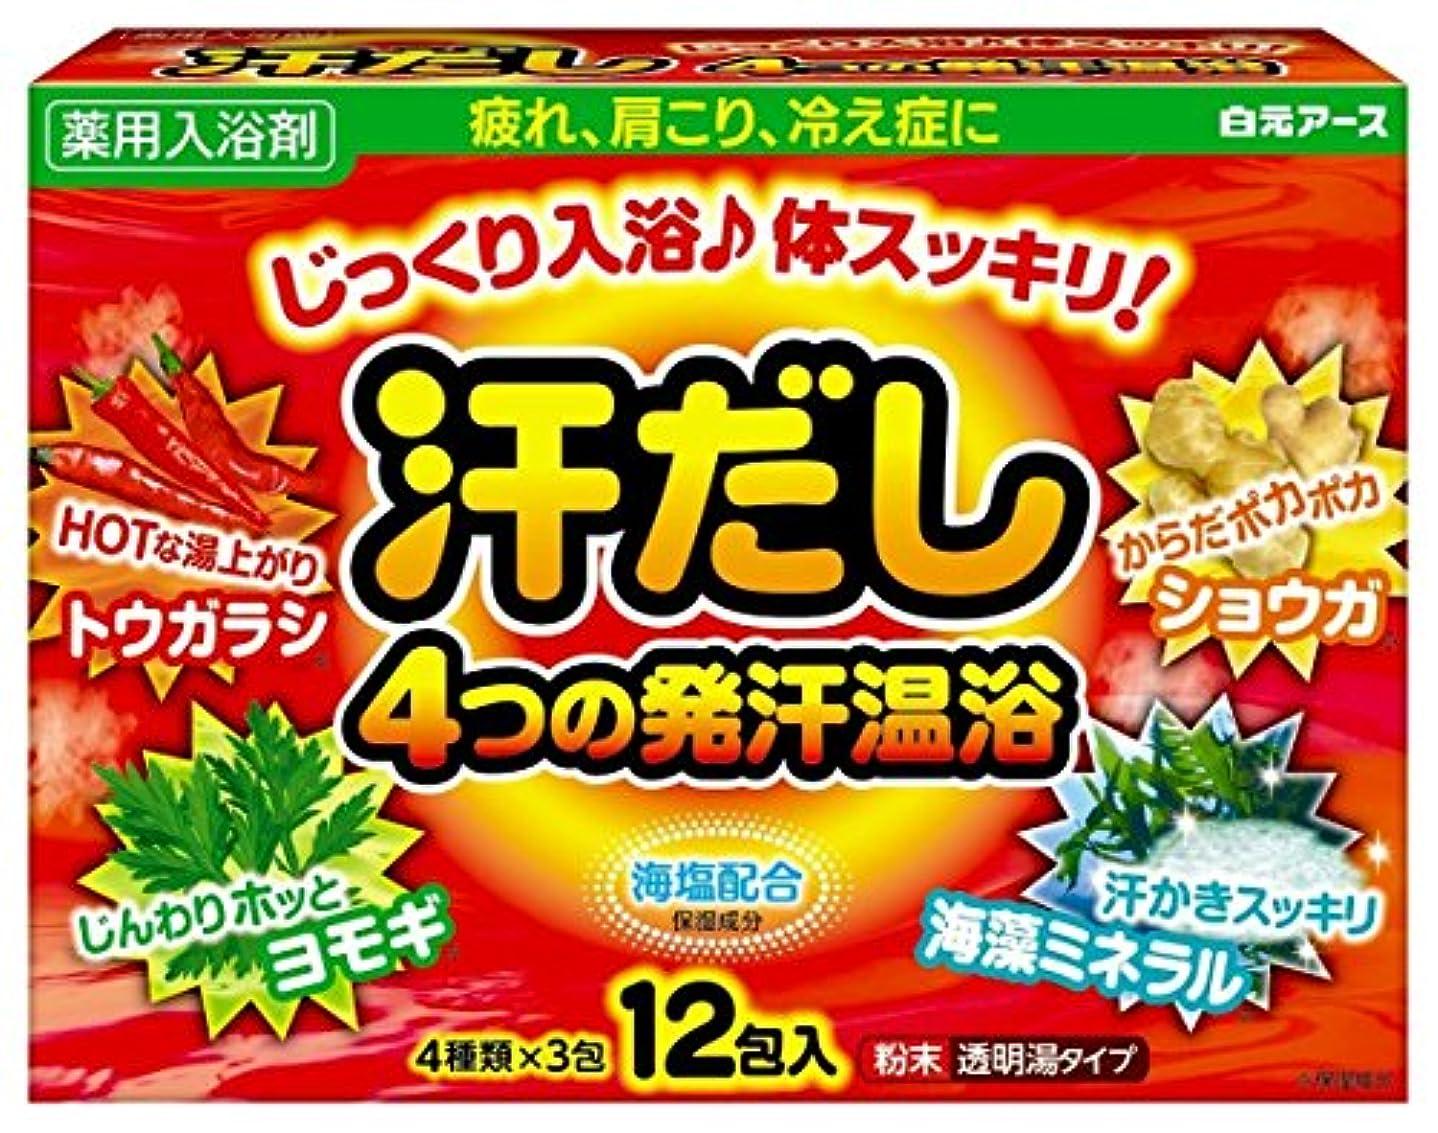 降ろす受け皿スープ薬用入浴剤 汗だし4つの発汗温浴 4種類×3包入